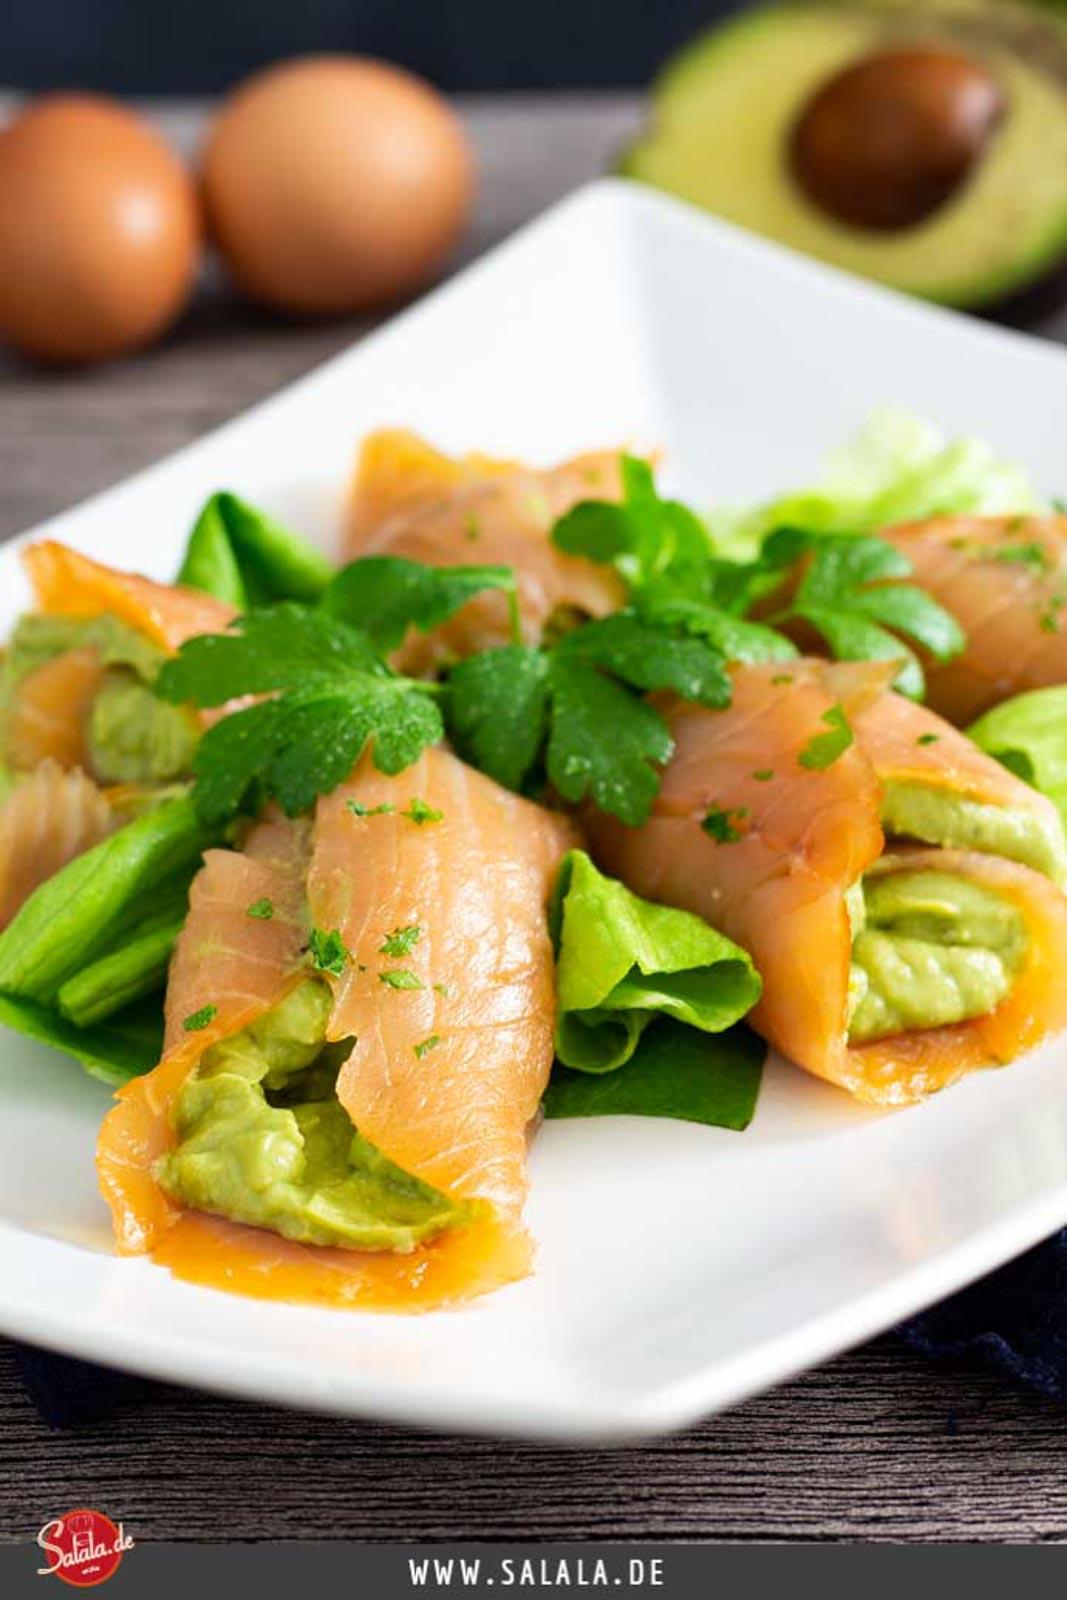 Lachsröllchen mit Avocado-Ei-Füllung I by salala.de I Keto Snack Rezept zum vorbereiten